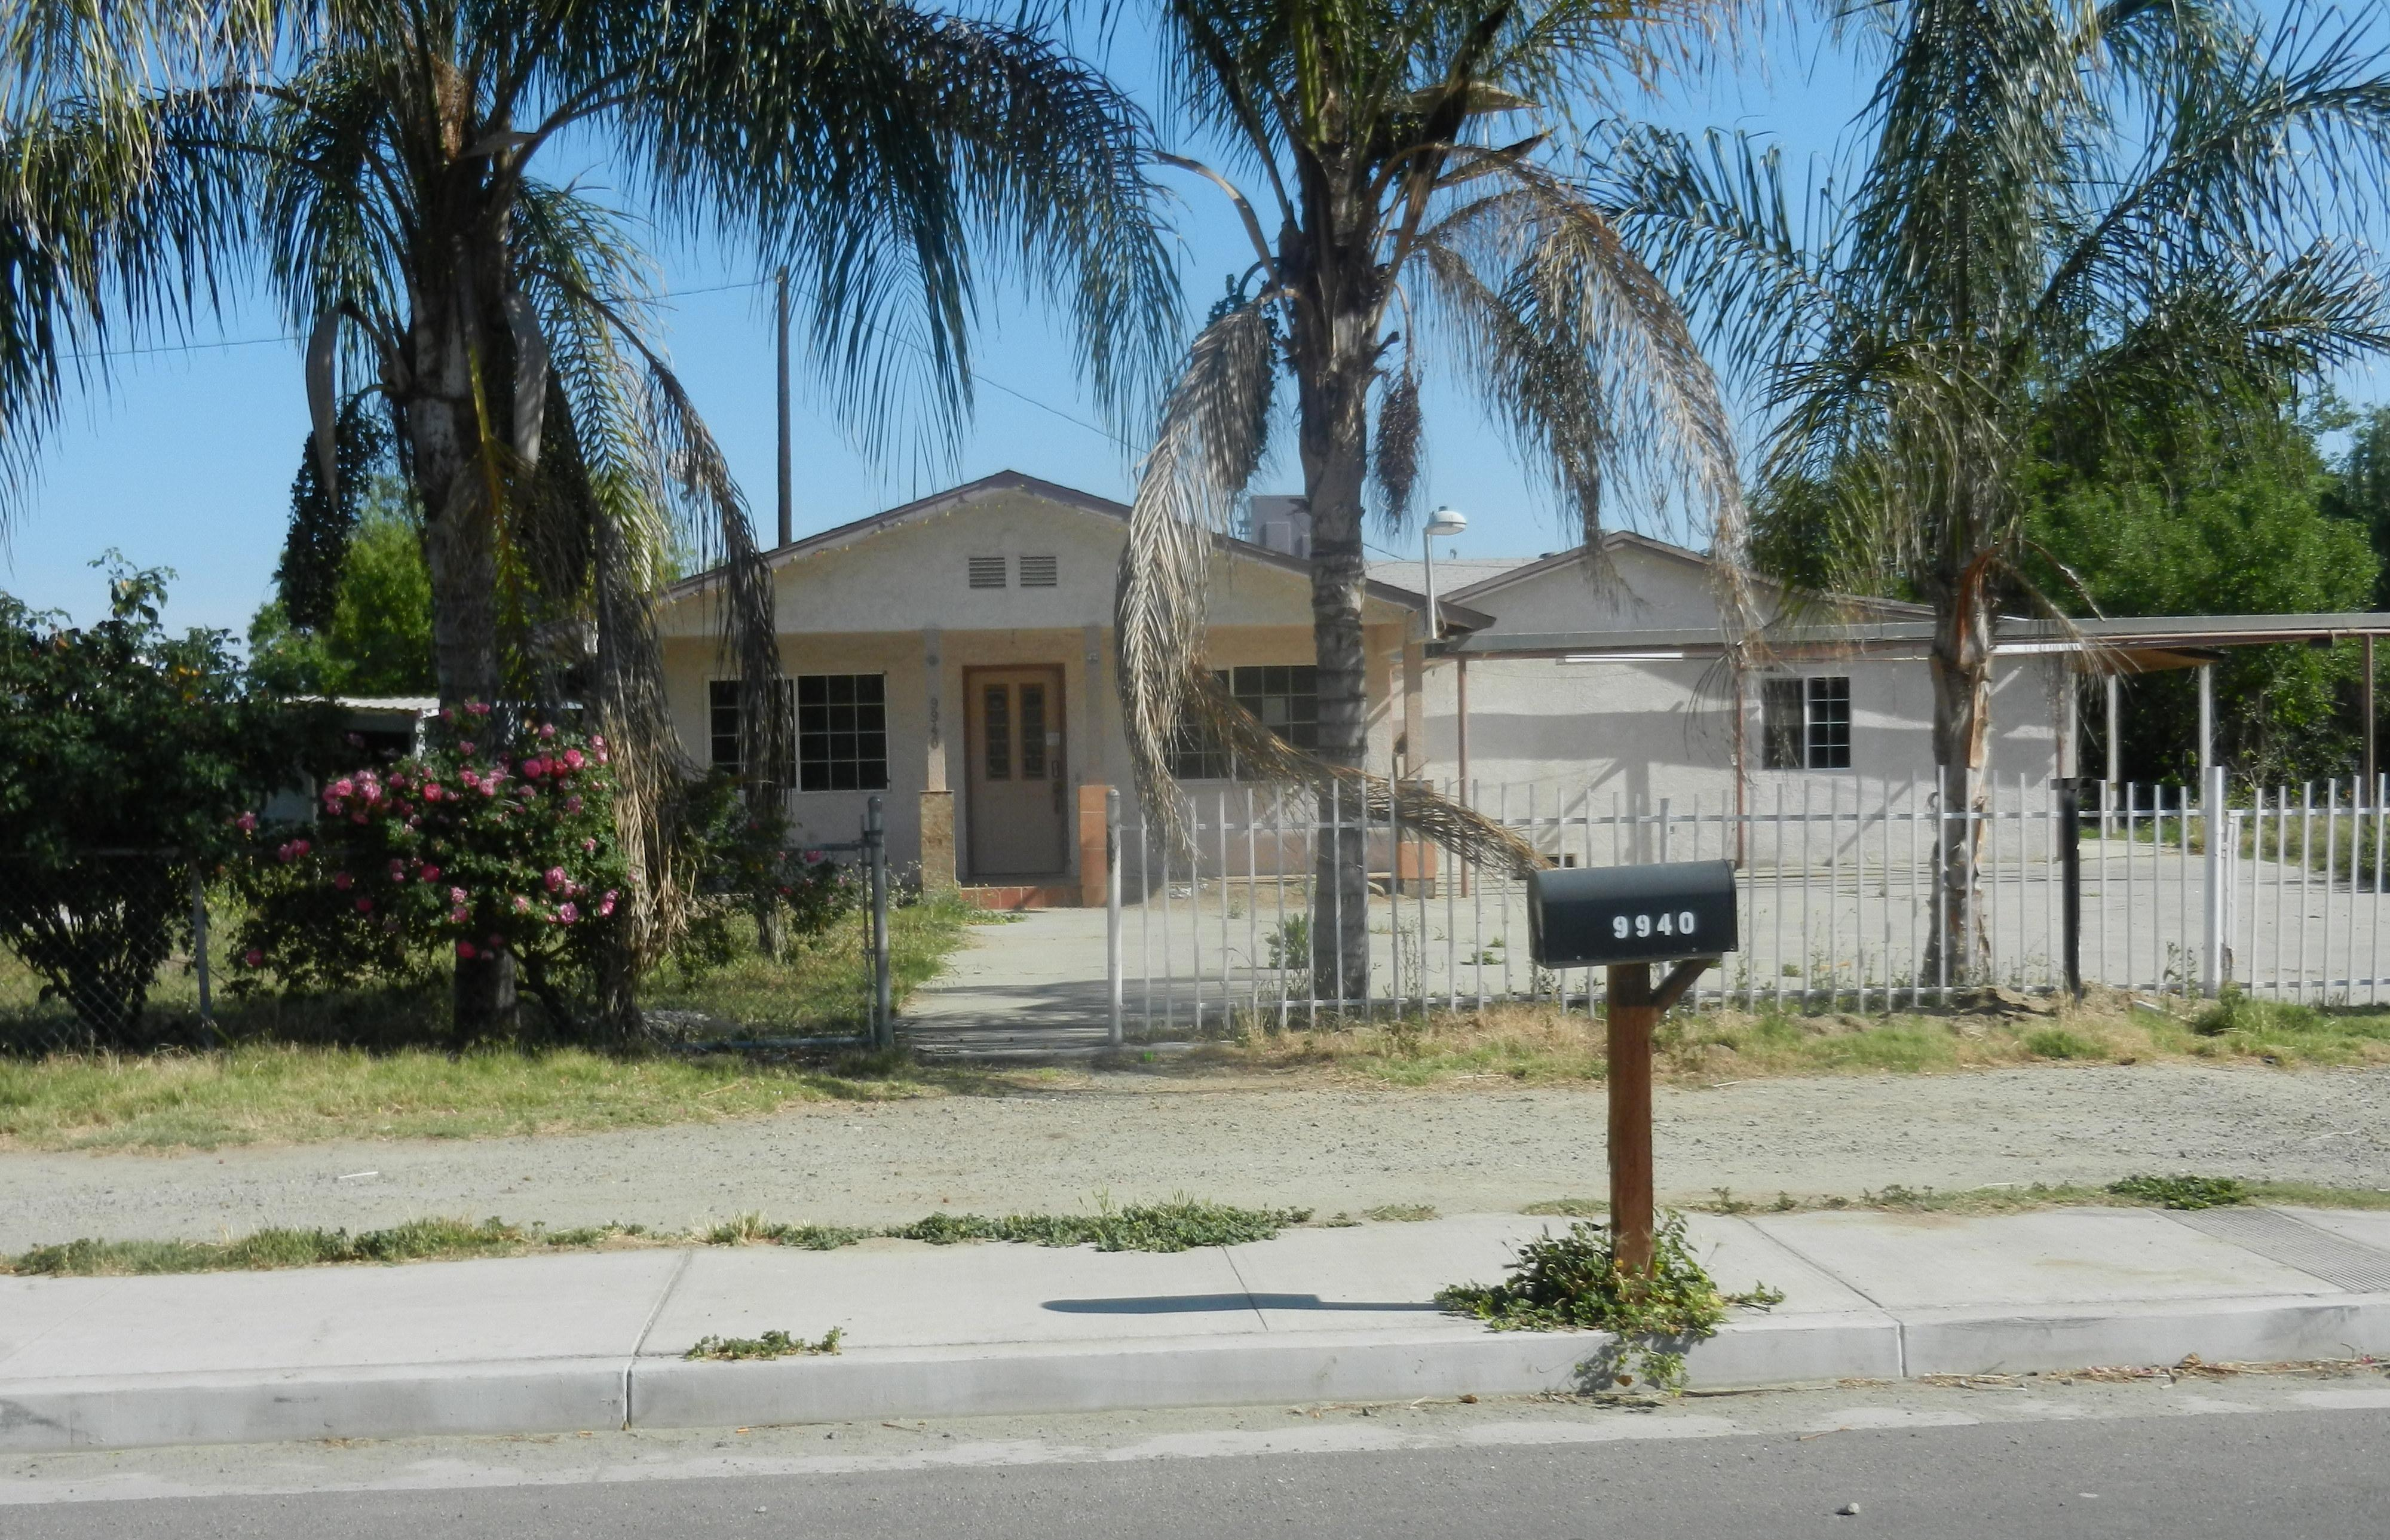 9940 Garden Dr, Hanford, CA 93230